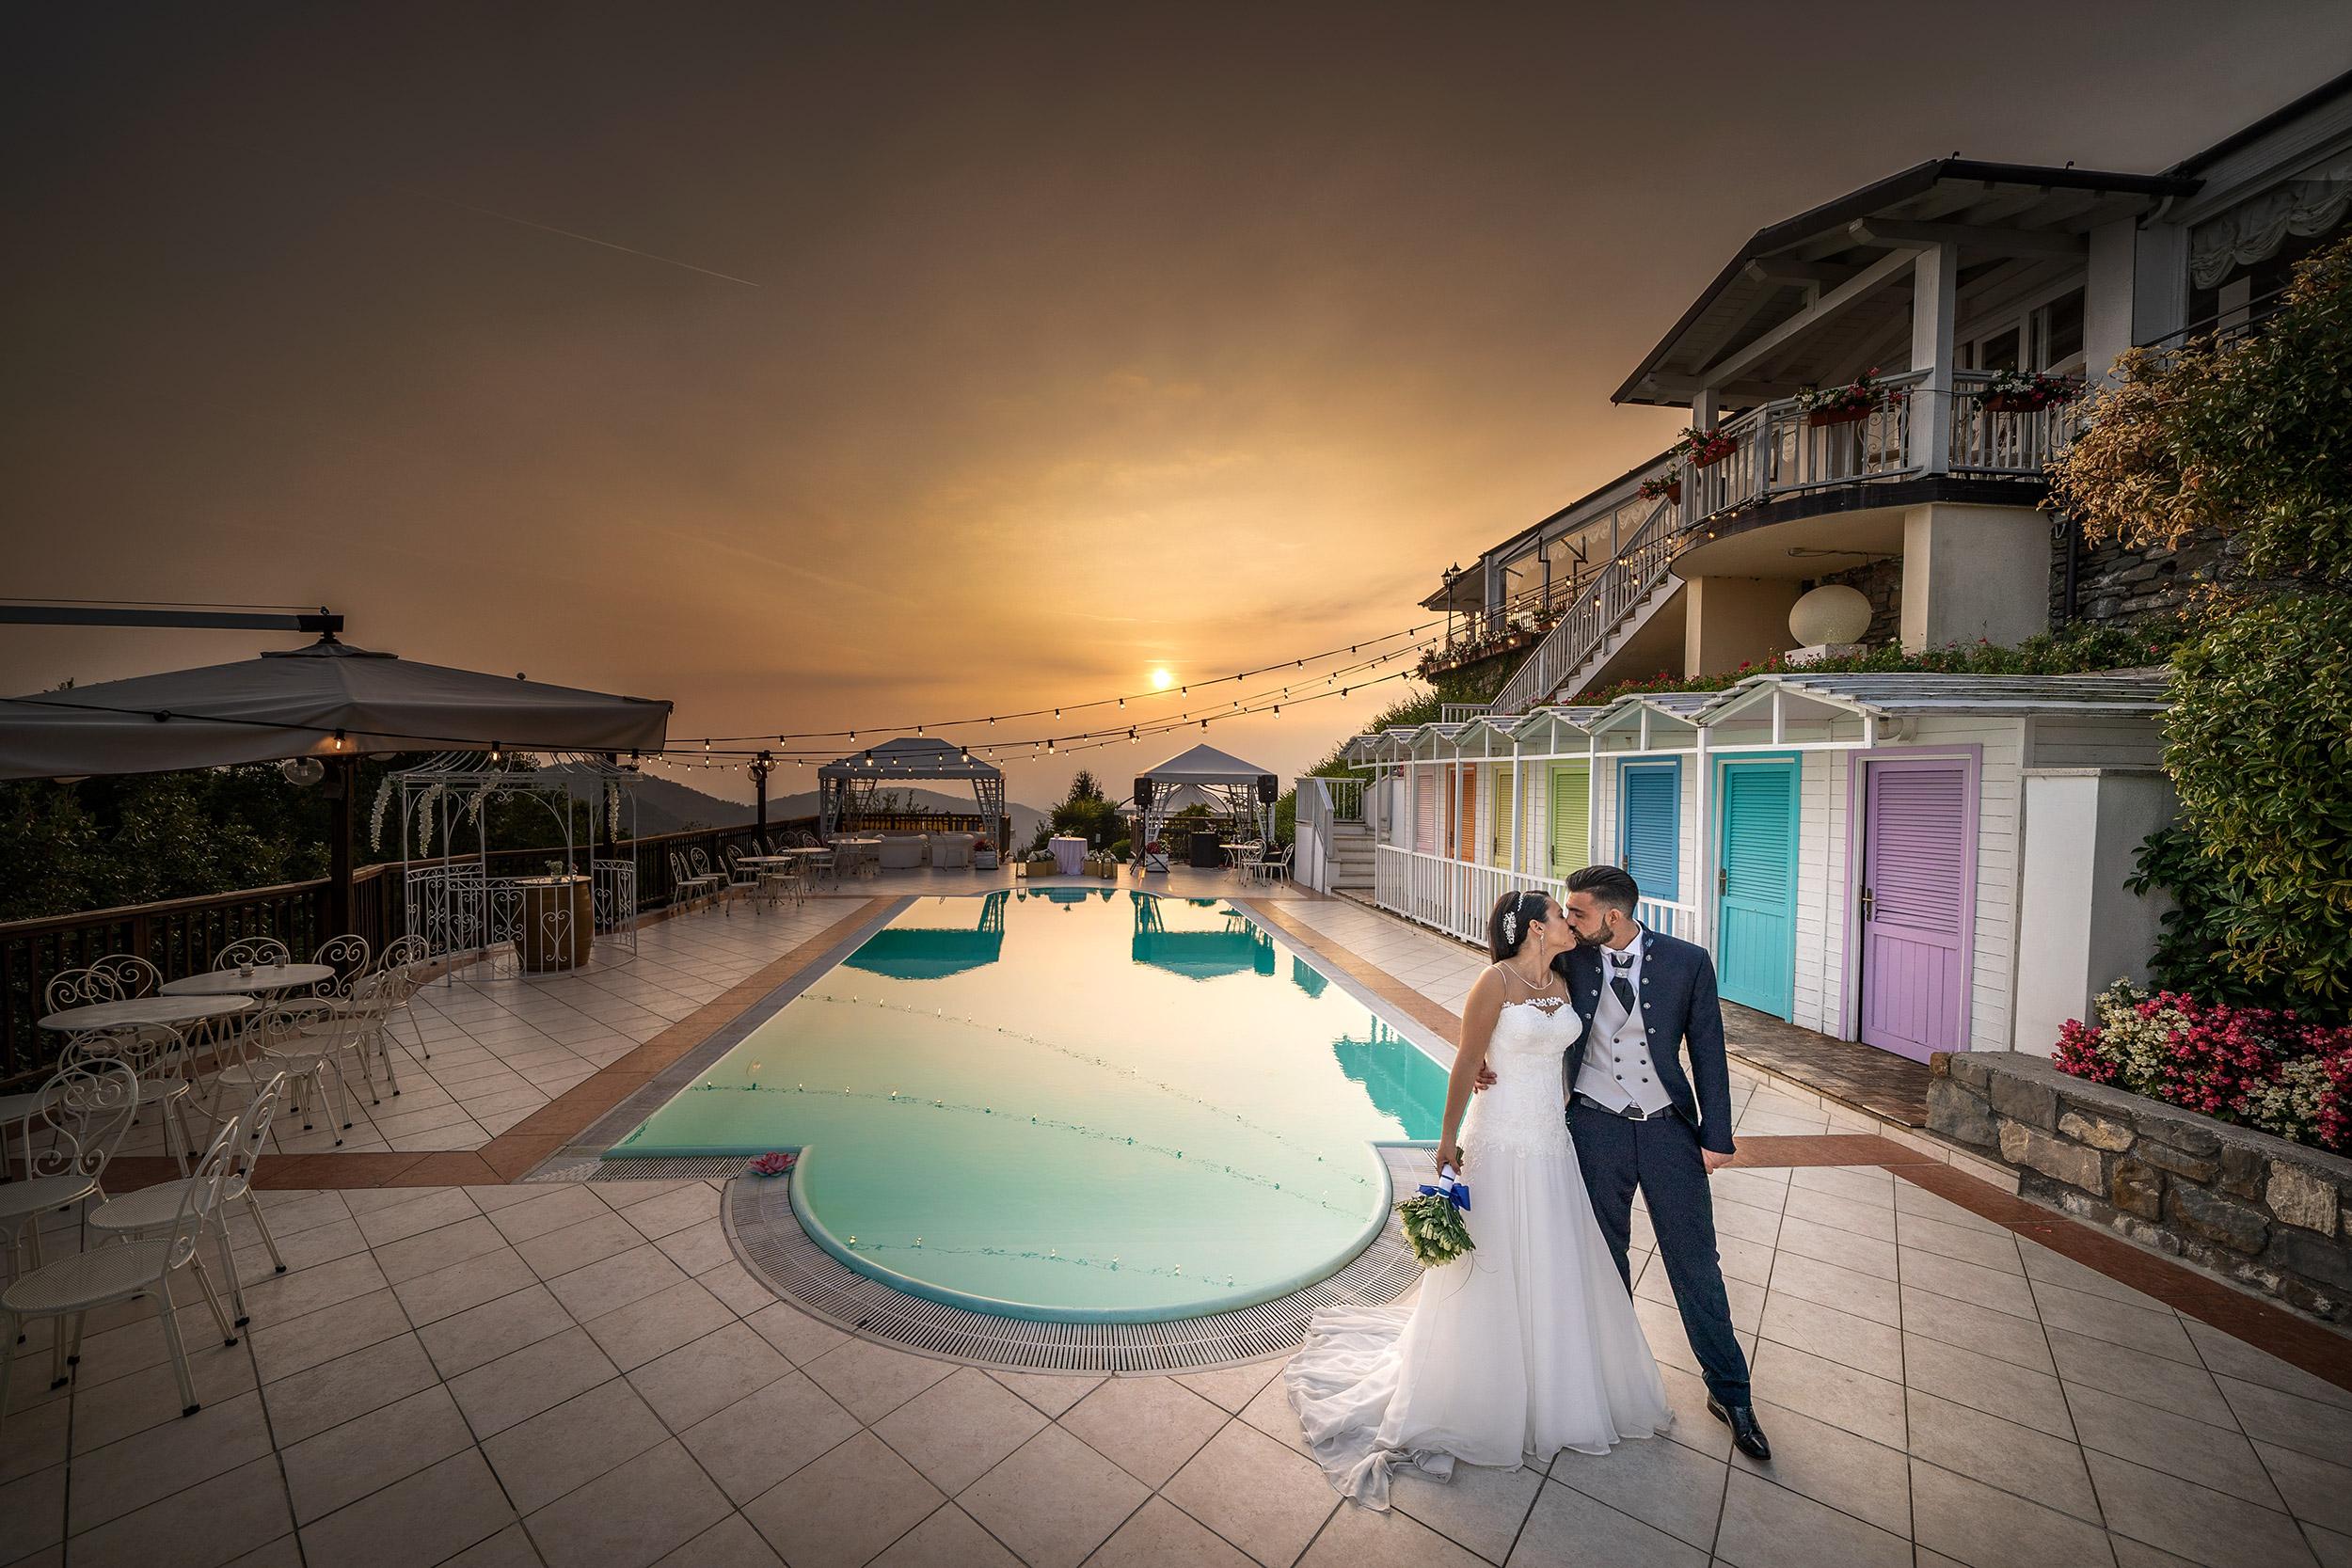 001 reportage servizio fotografico sposi foto matrimonio wedding san giovanni delle formiche villongo iseo bergamo 1